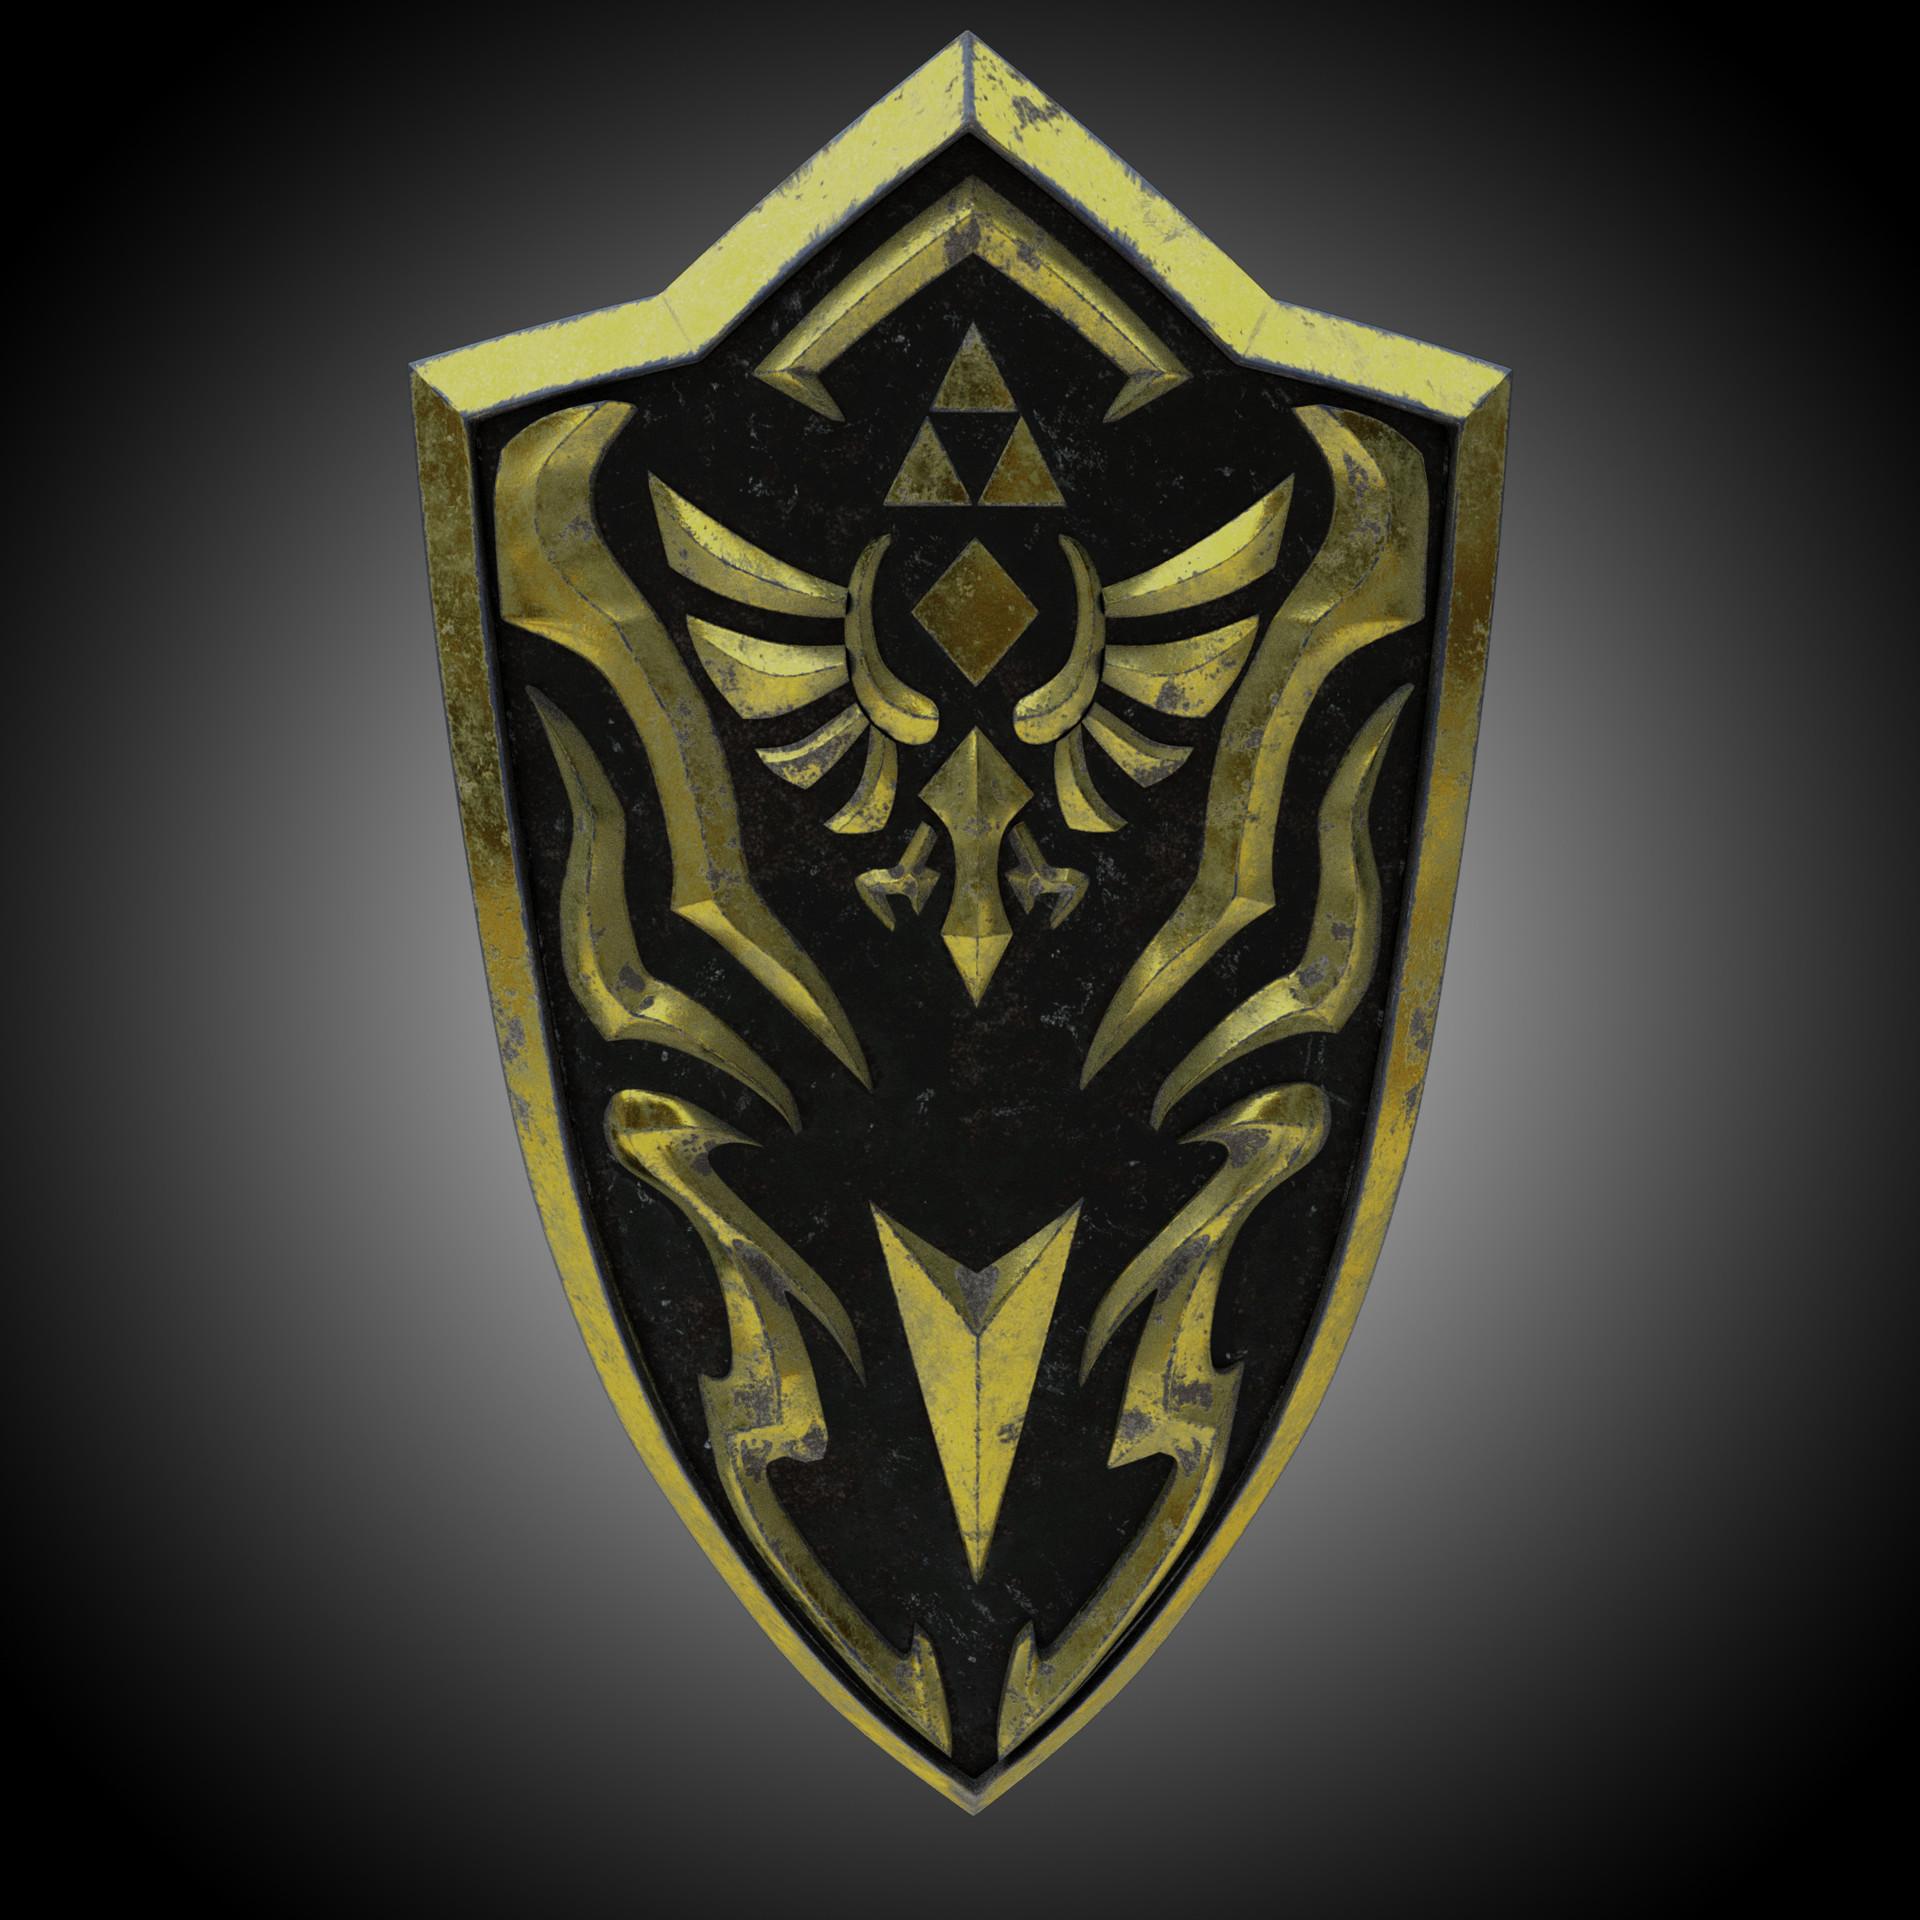 Andrew Jordan The Legend Of Zelda Breath Of The Wild